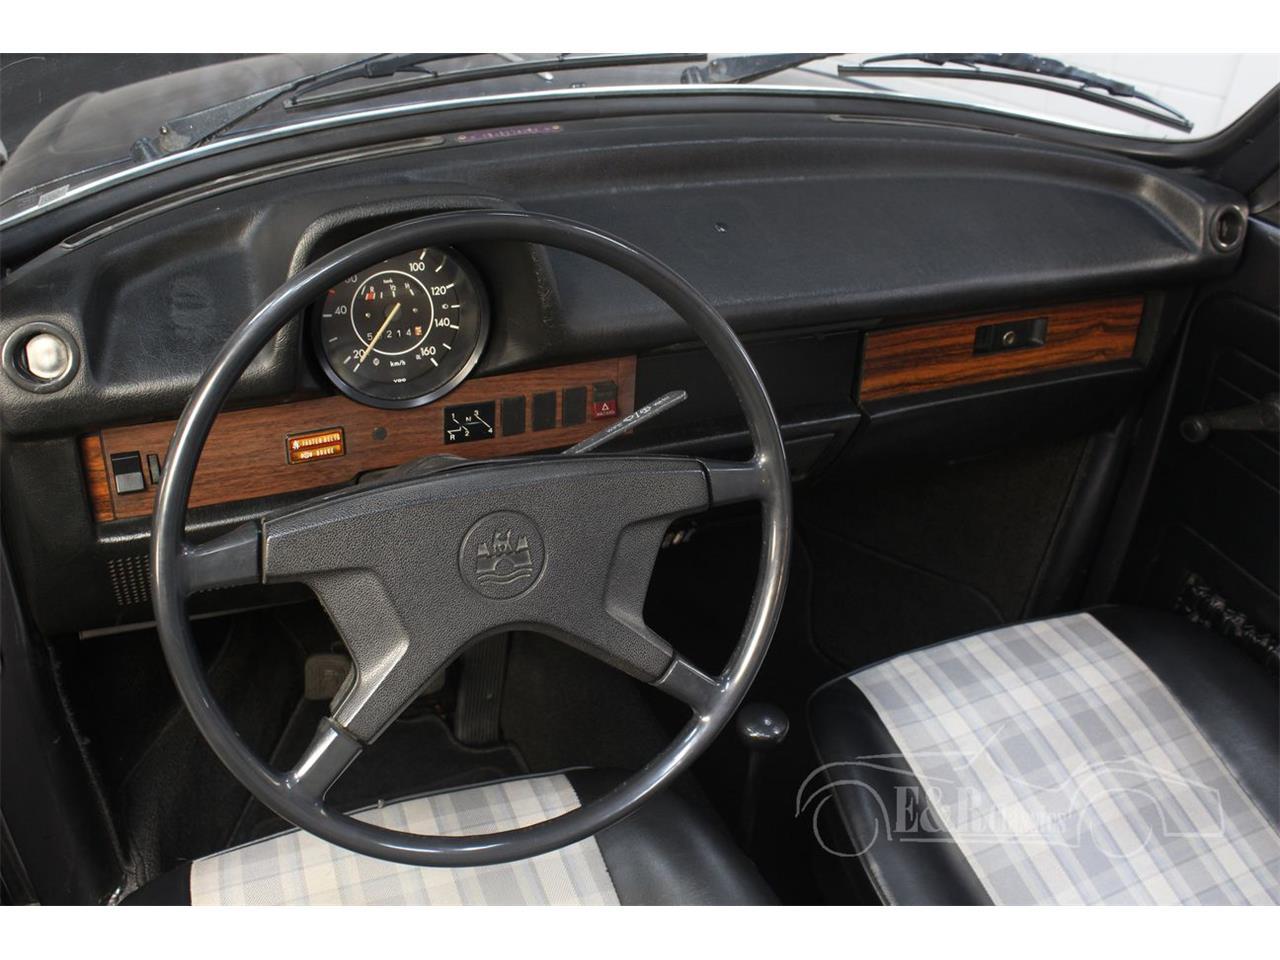 Large Picture of 1974 Volkswagen Beetle located in Waalwijk Noord-Brabant - $27,950.00 - QC3W